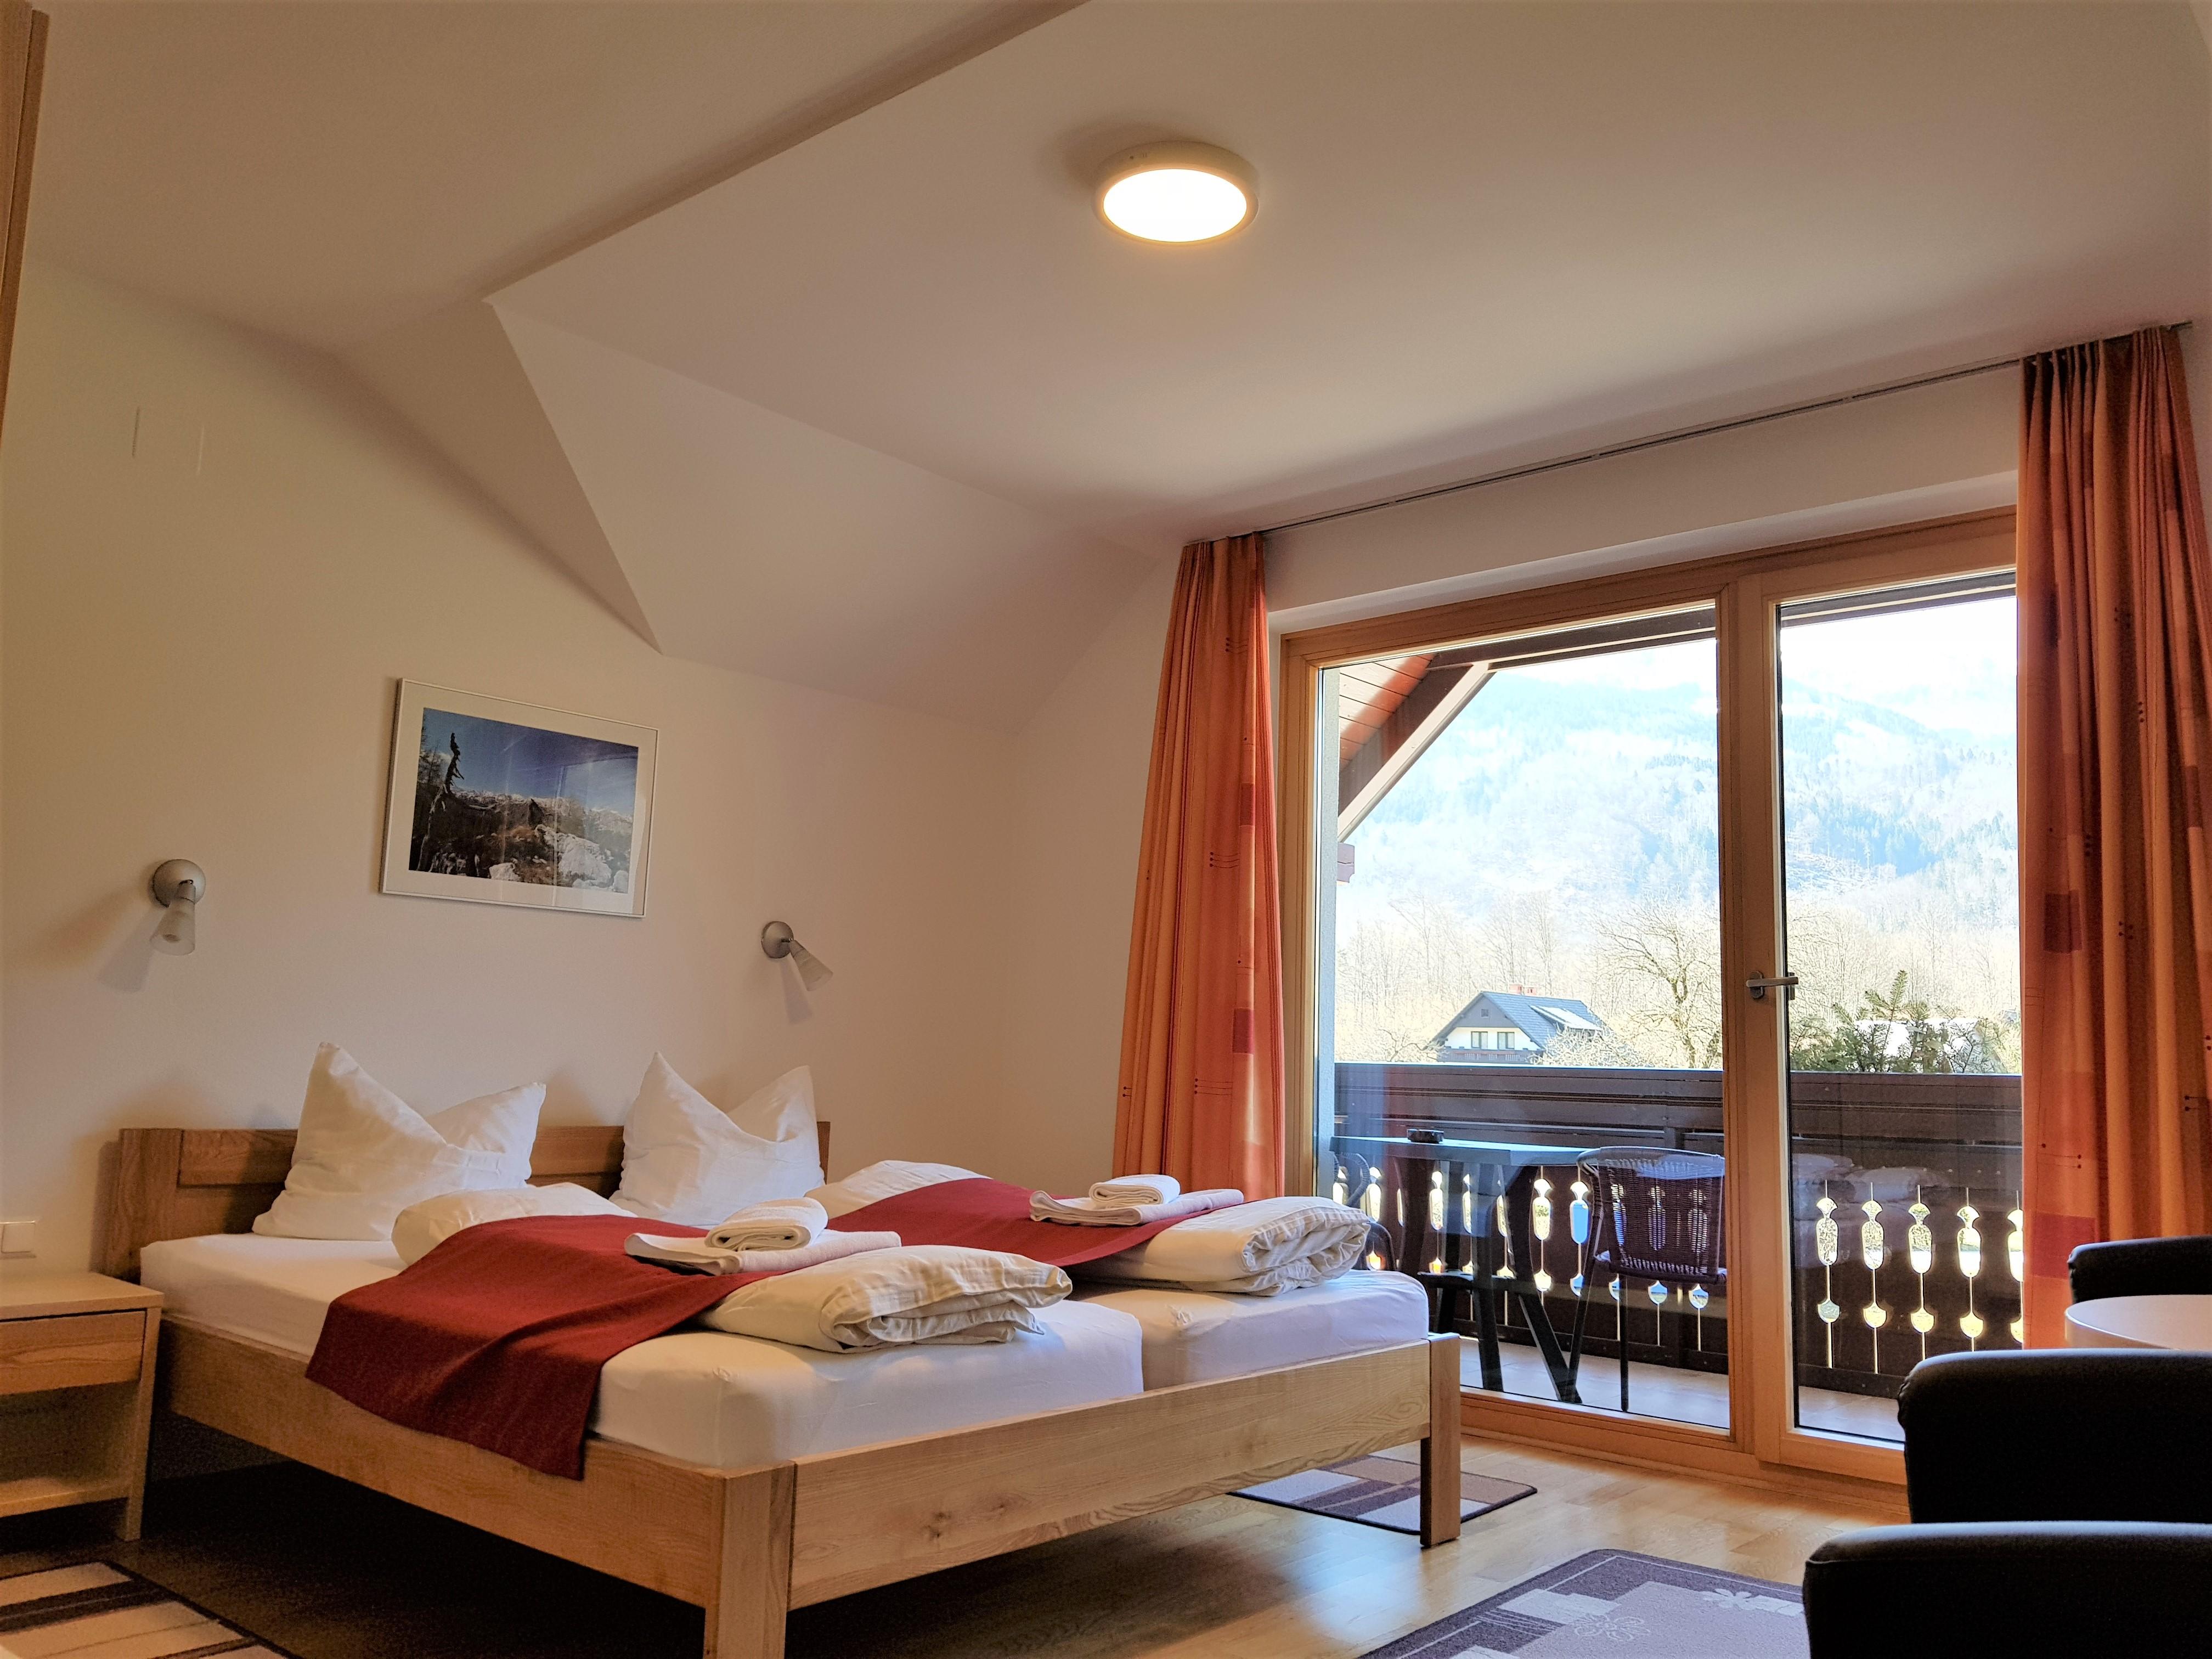 Štiriposteljna soba z balkonom in s pogledom na gore